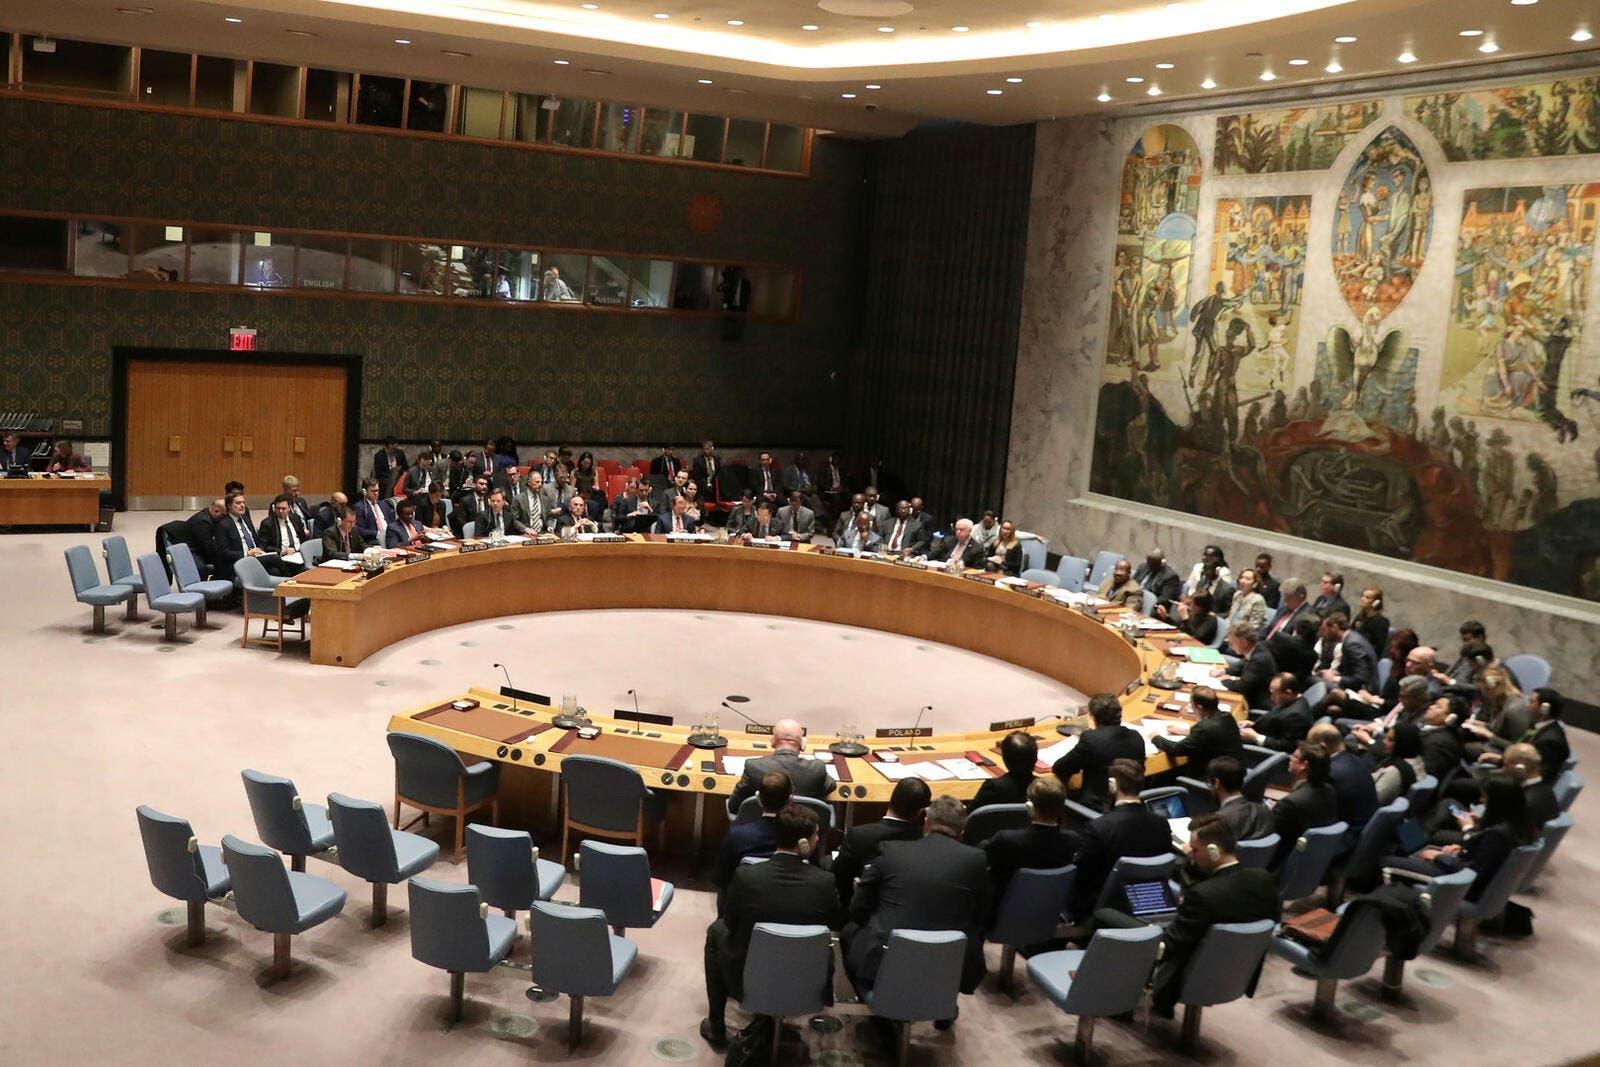 جلسة طارئة لمجلس الأمن لبحث الوضع في إدلب بعد مقتل الجنود الأتراك